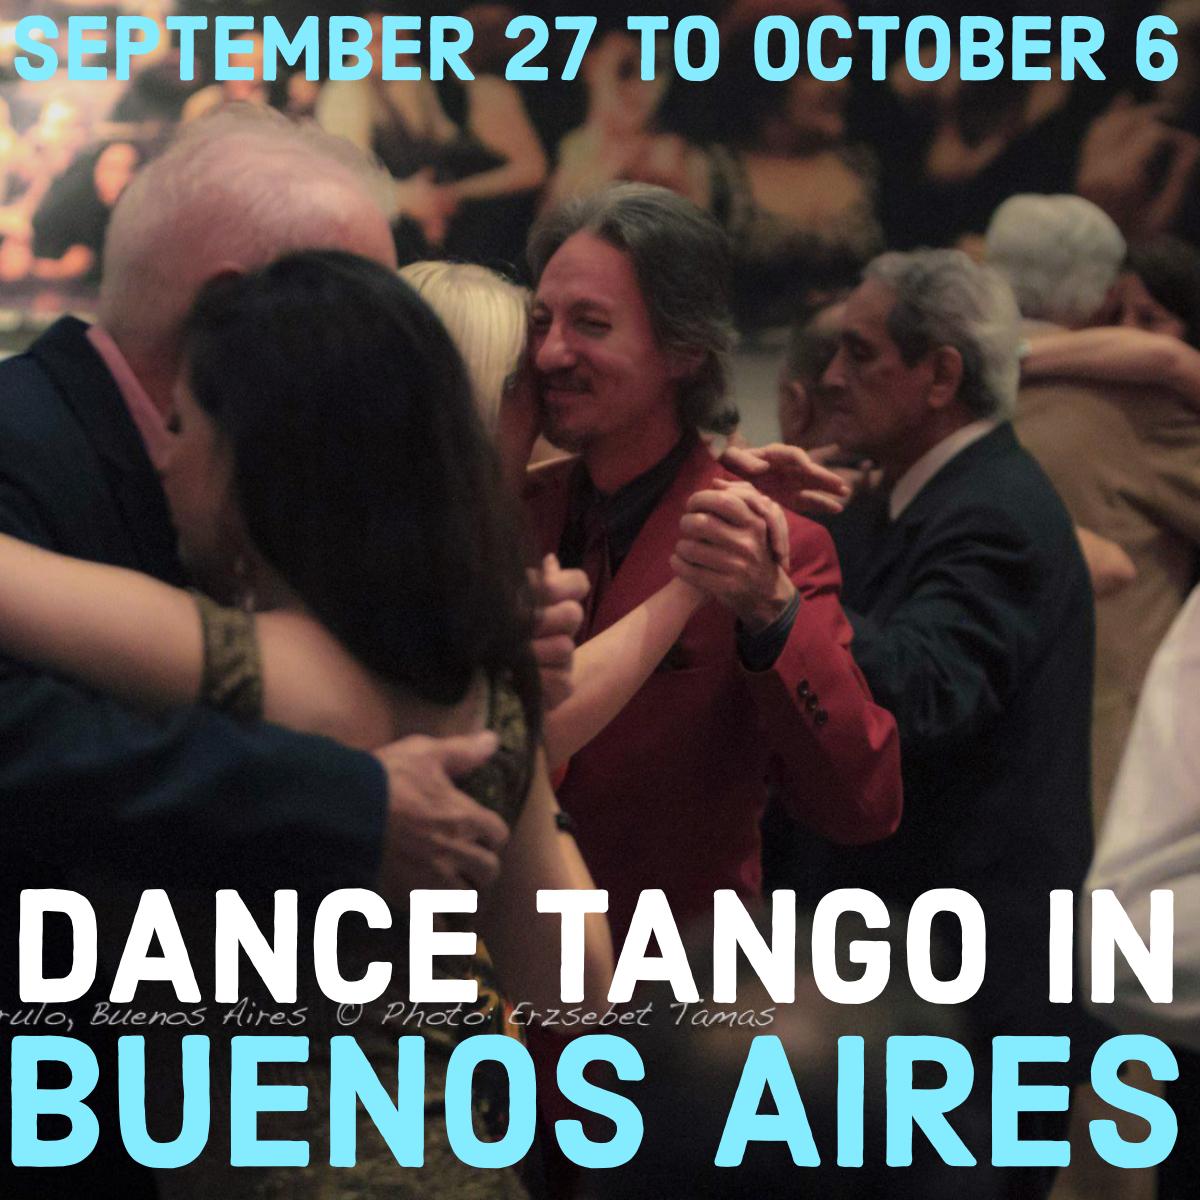 Dance Tango in Buenos Aires with Marcelo Solis at Escuela de Tango de Buenos Aires